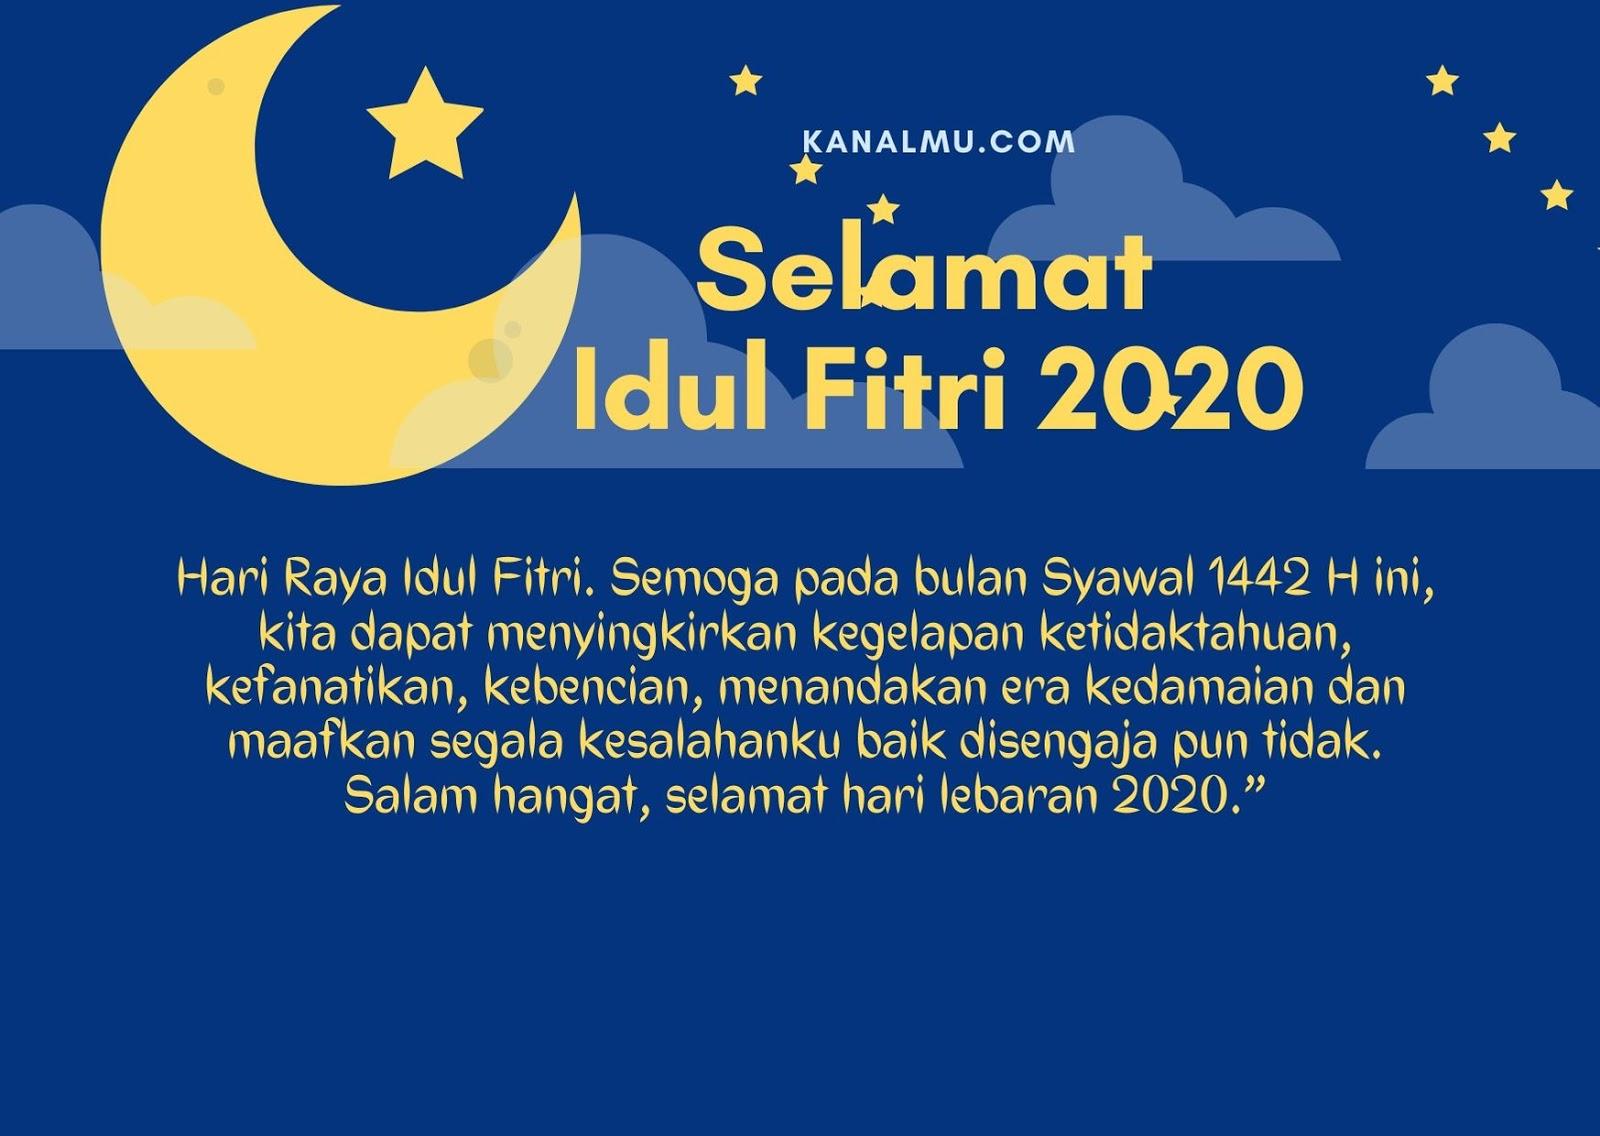 Gambar Kartu Ucapan Kata Kata Idul Fitri 2021 Tahun 1442 H Untuk Story Wa Fb Ig Kanalmu